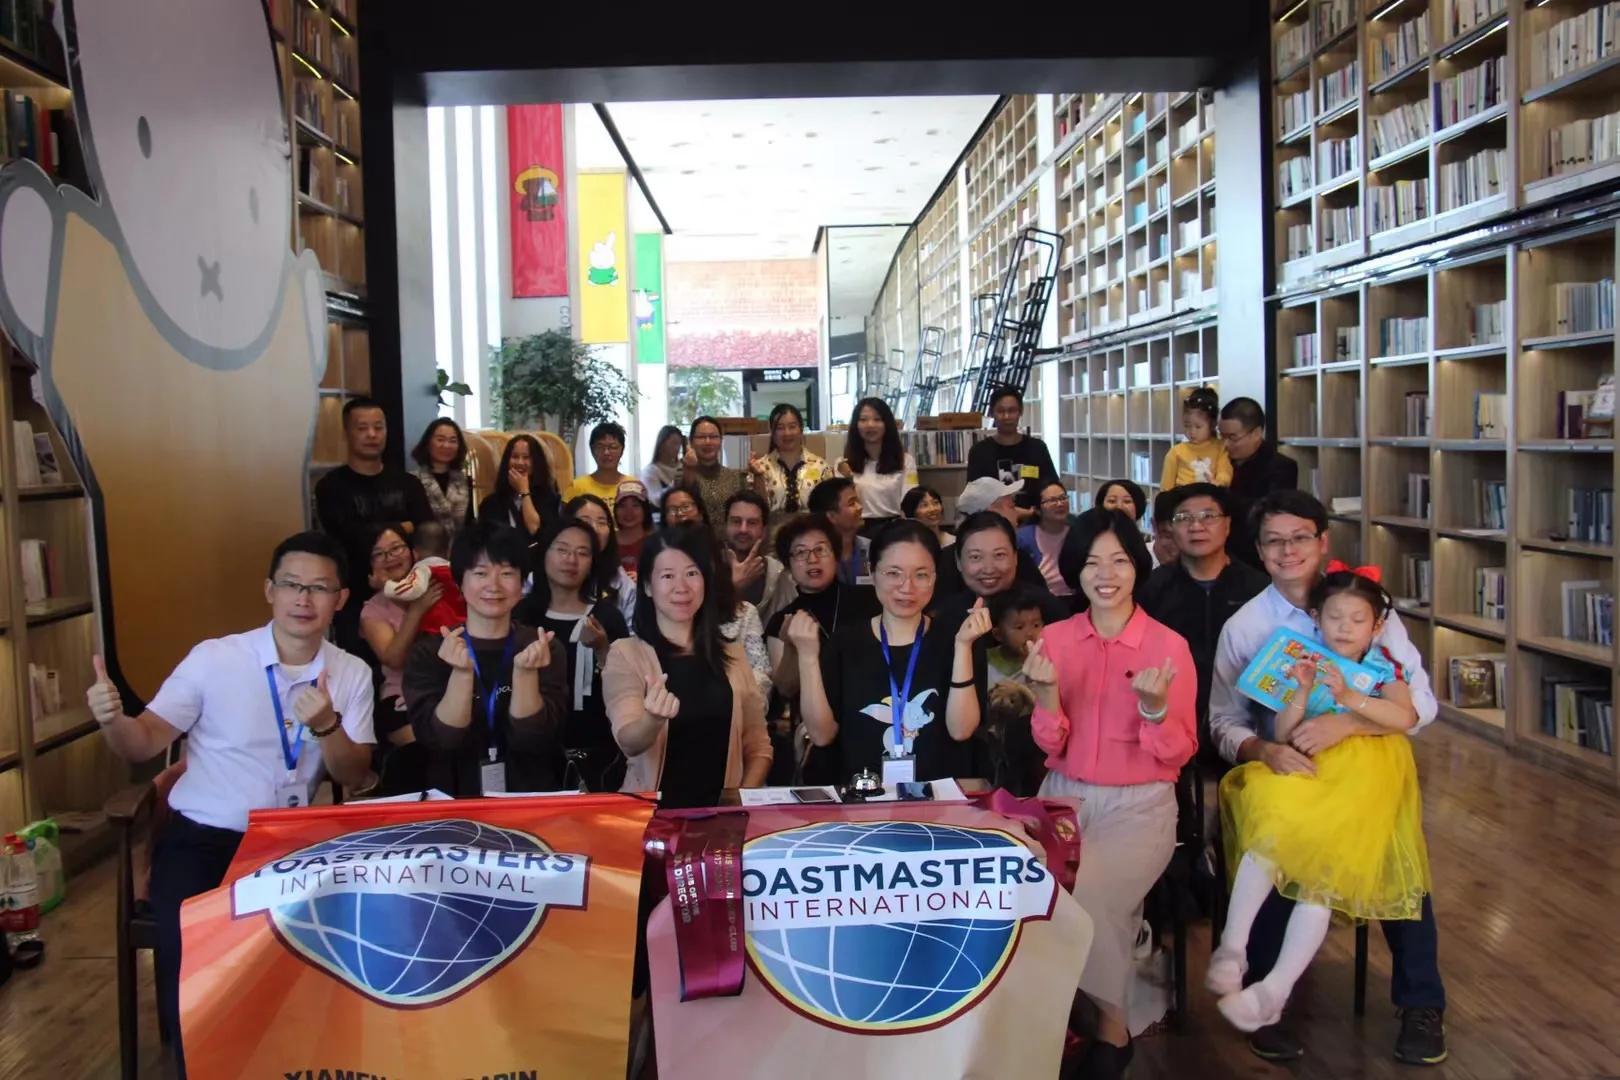 独家专访南中国国际演讲会89大区X中区总监李忠辉先生